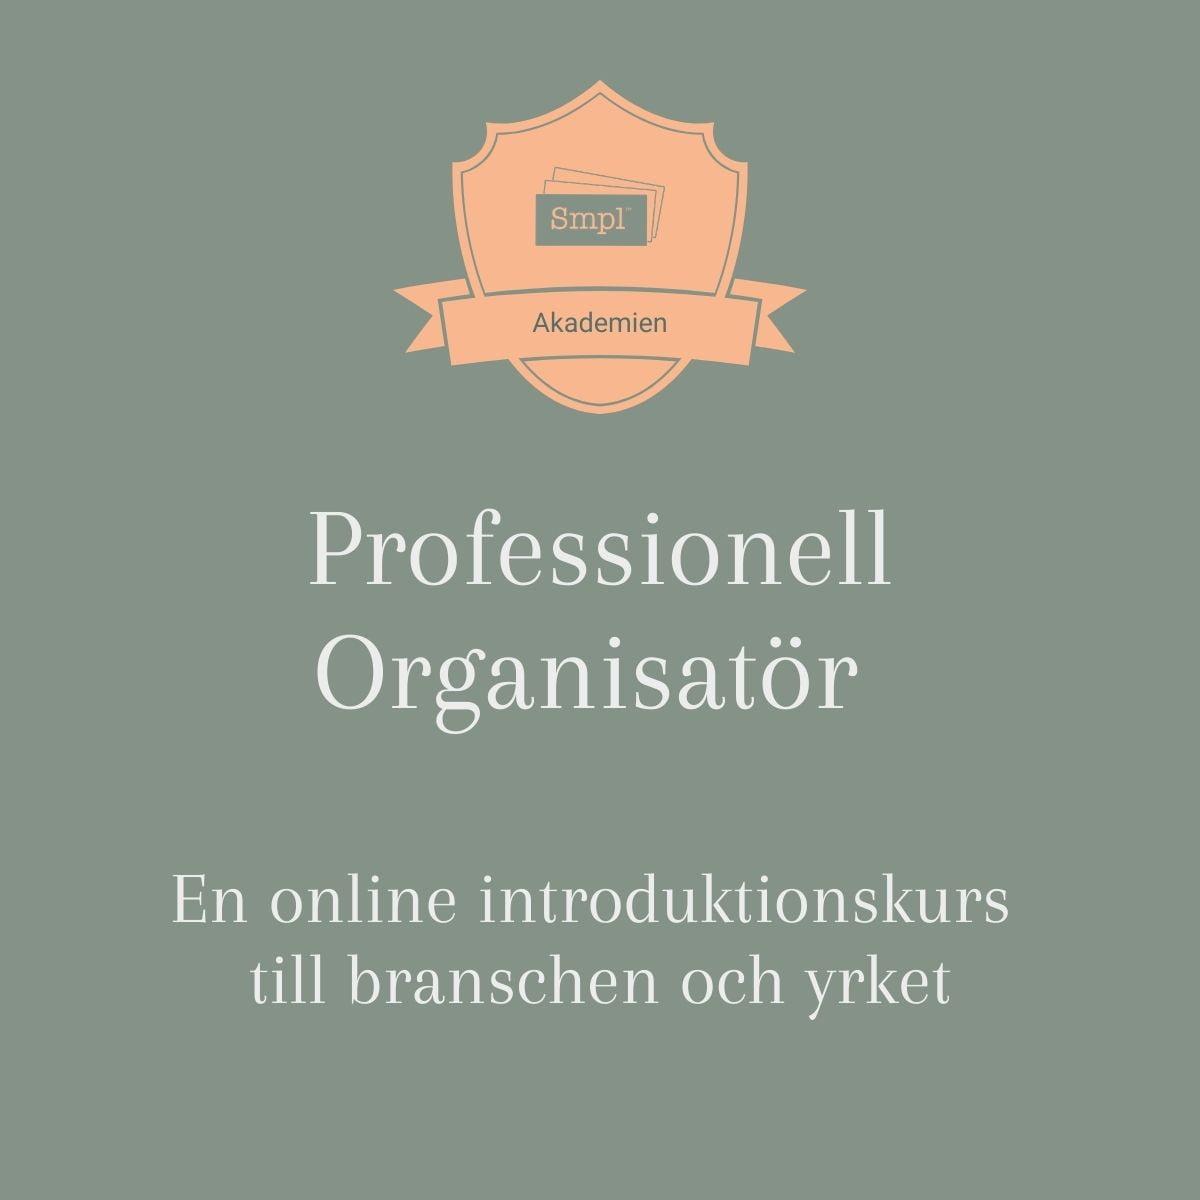 Professionell organisatör en online introduktionskurs till branschen och yrket